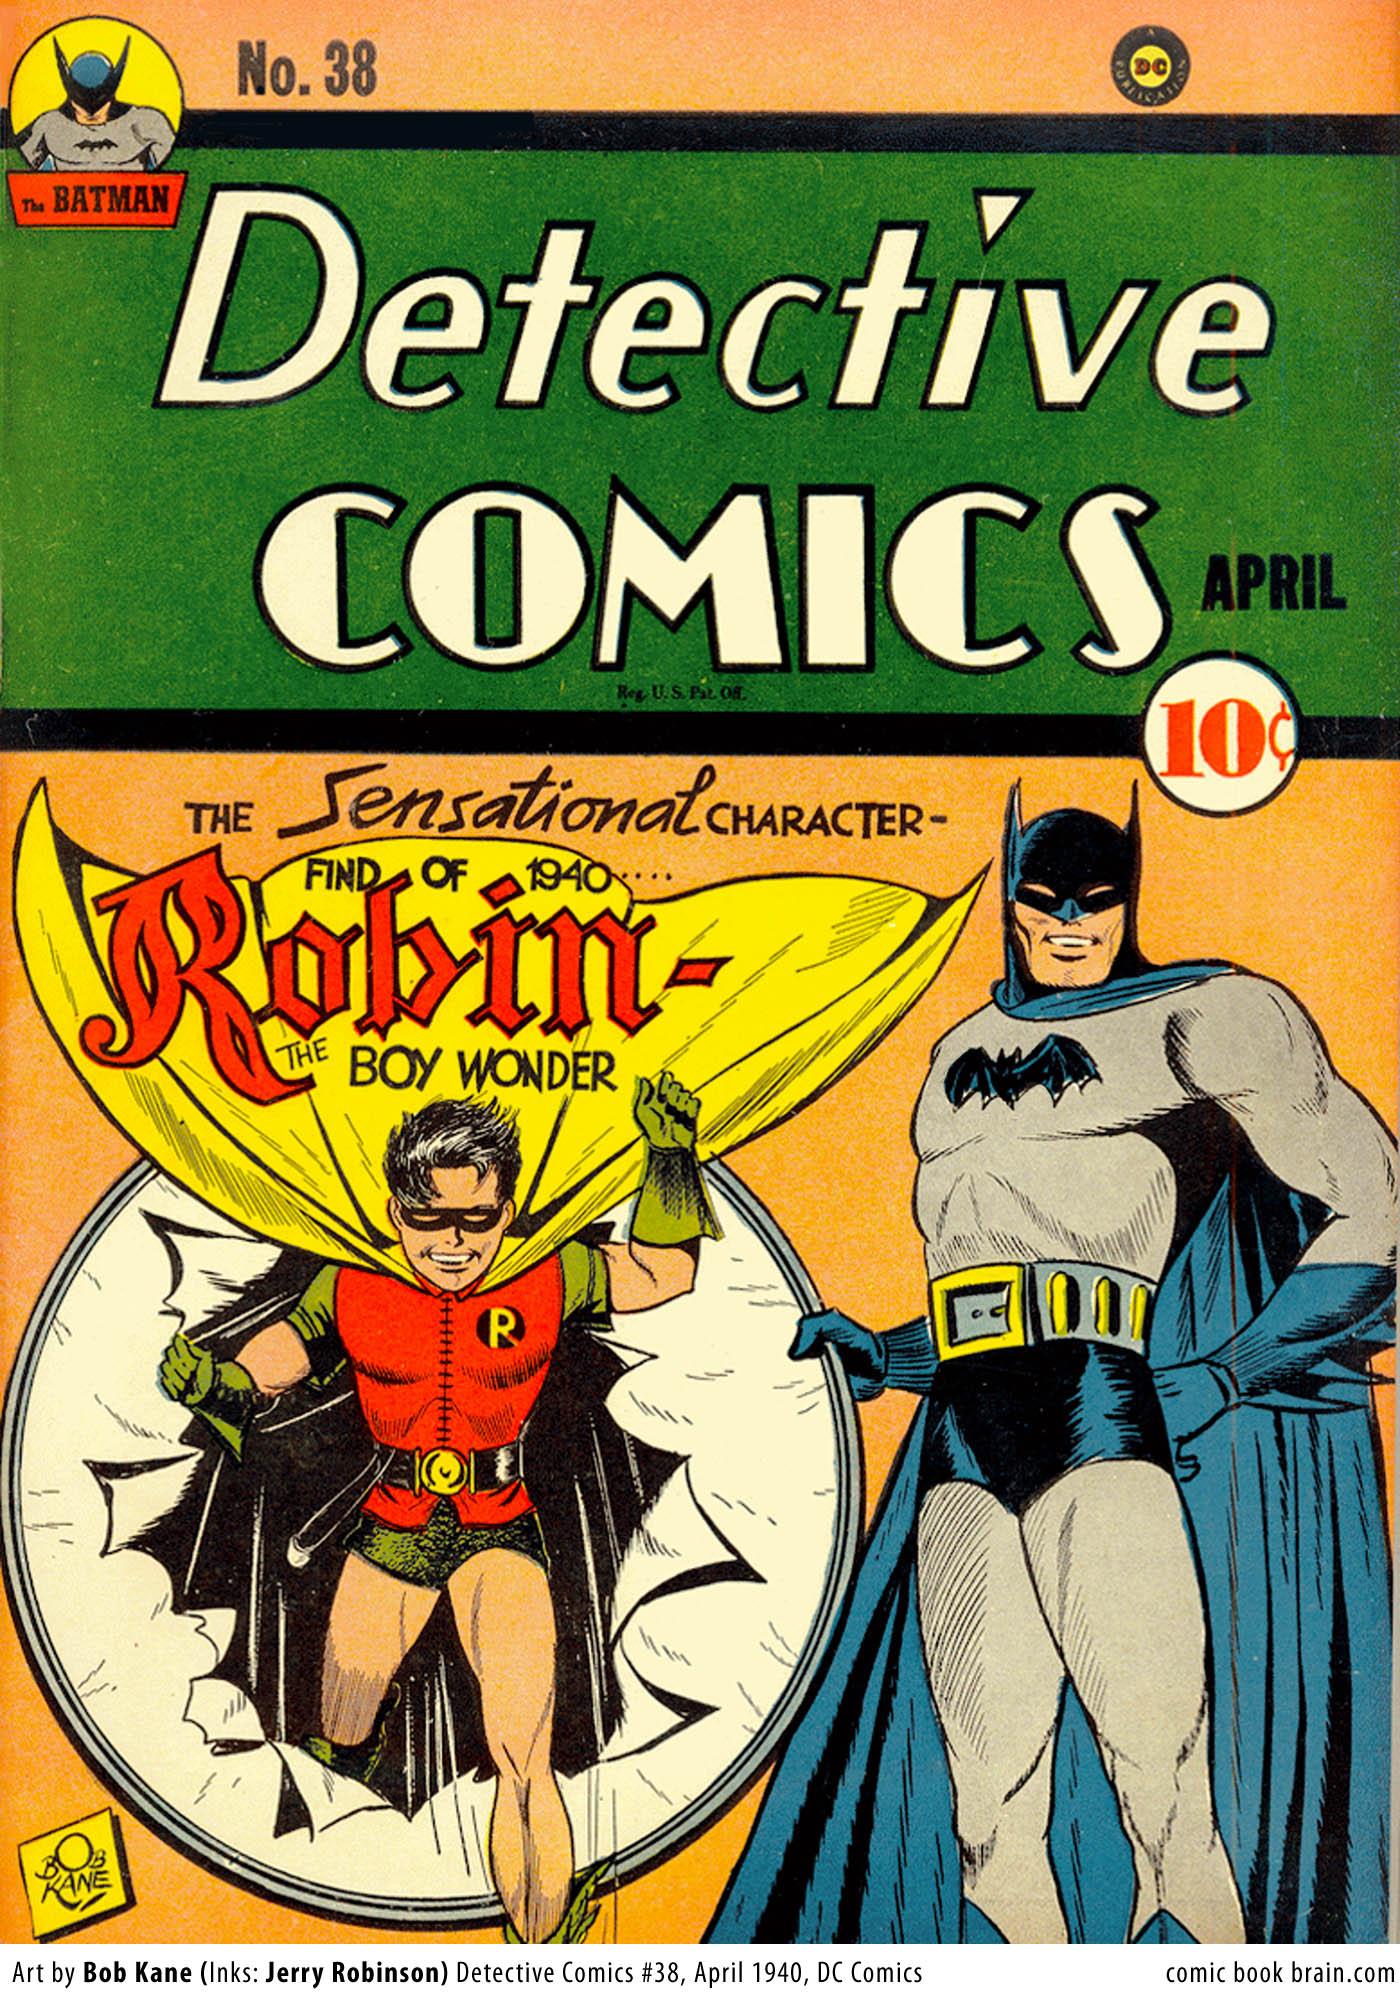 detective-comics-38-cover-bob-kane-batman